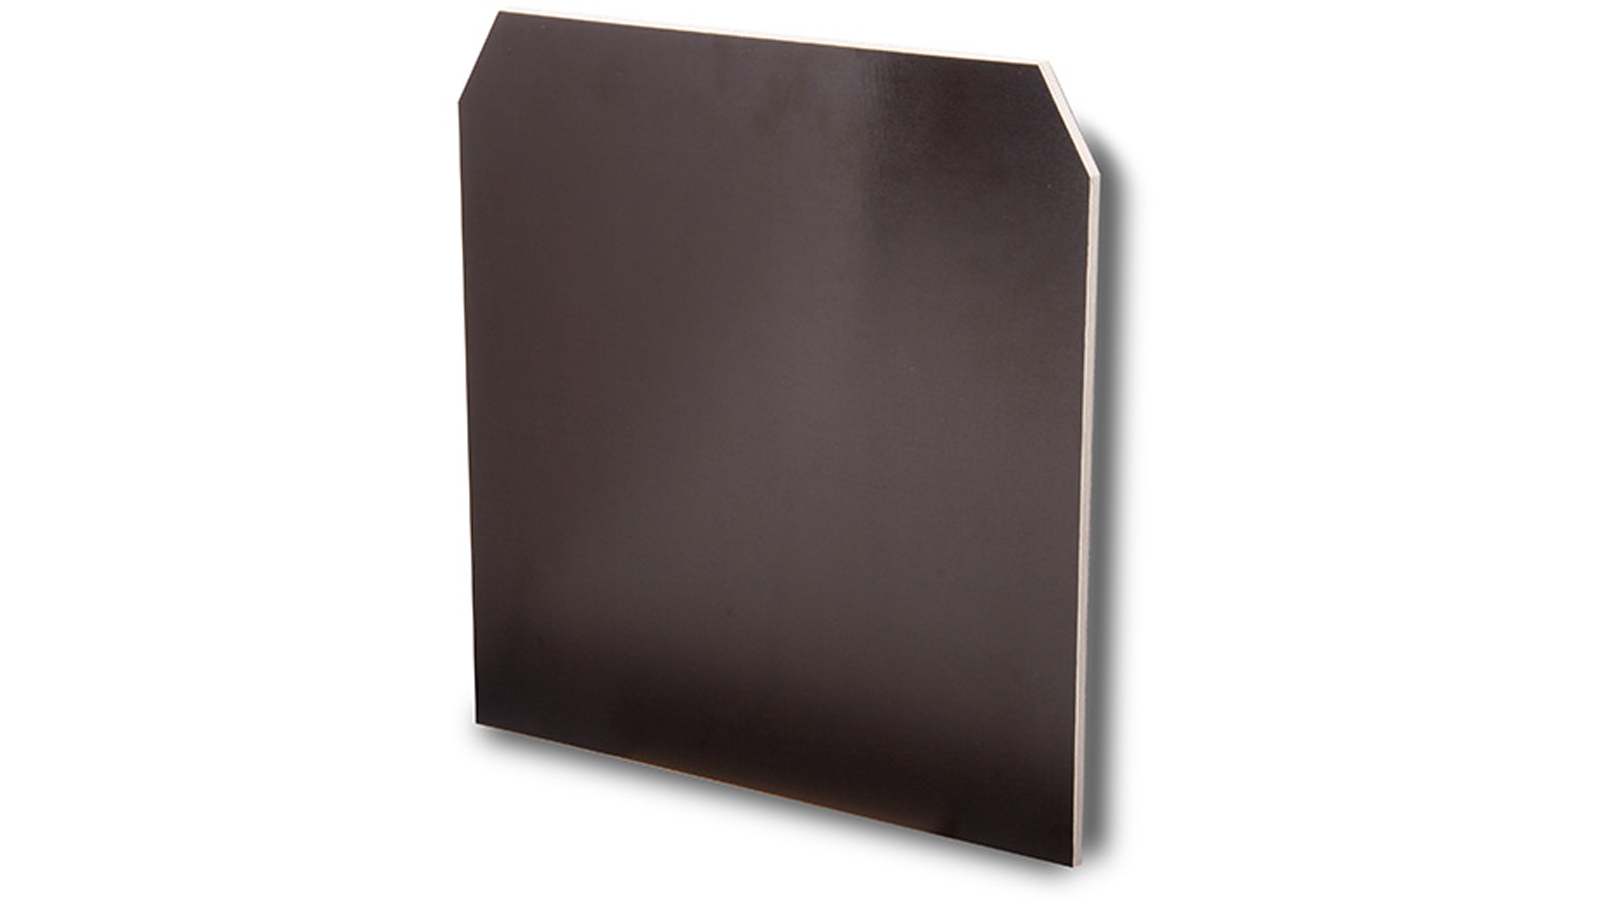 LT-Case Trennwand 40 x 40 cm